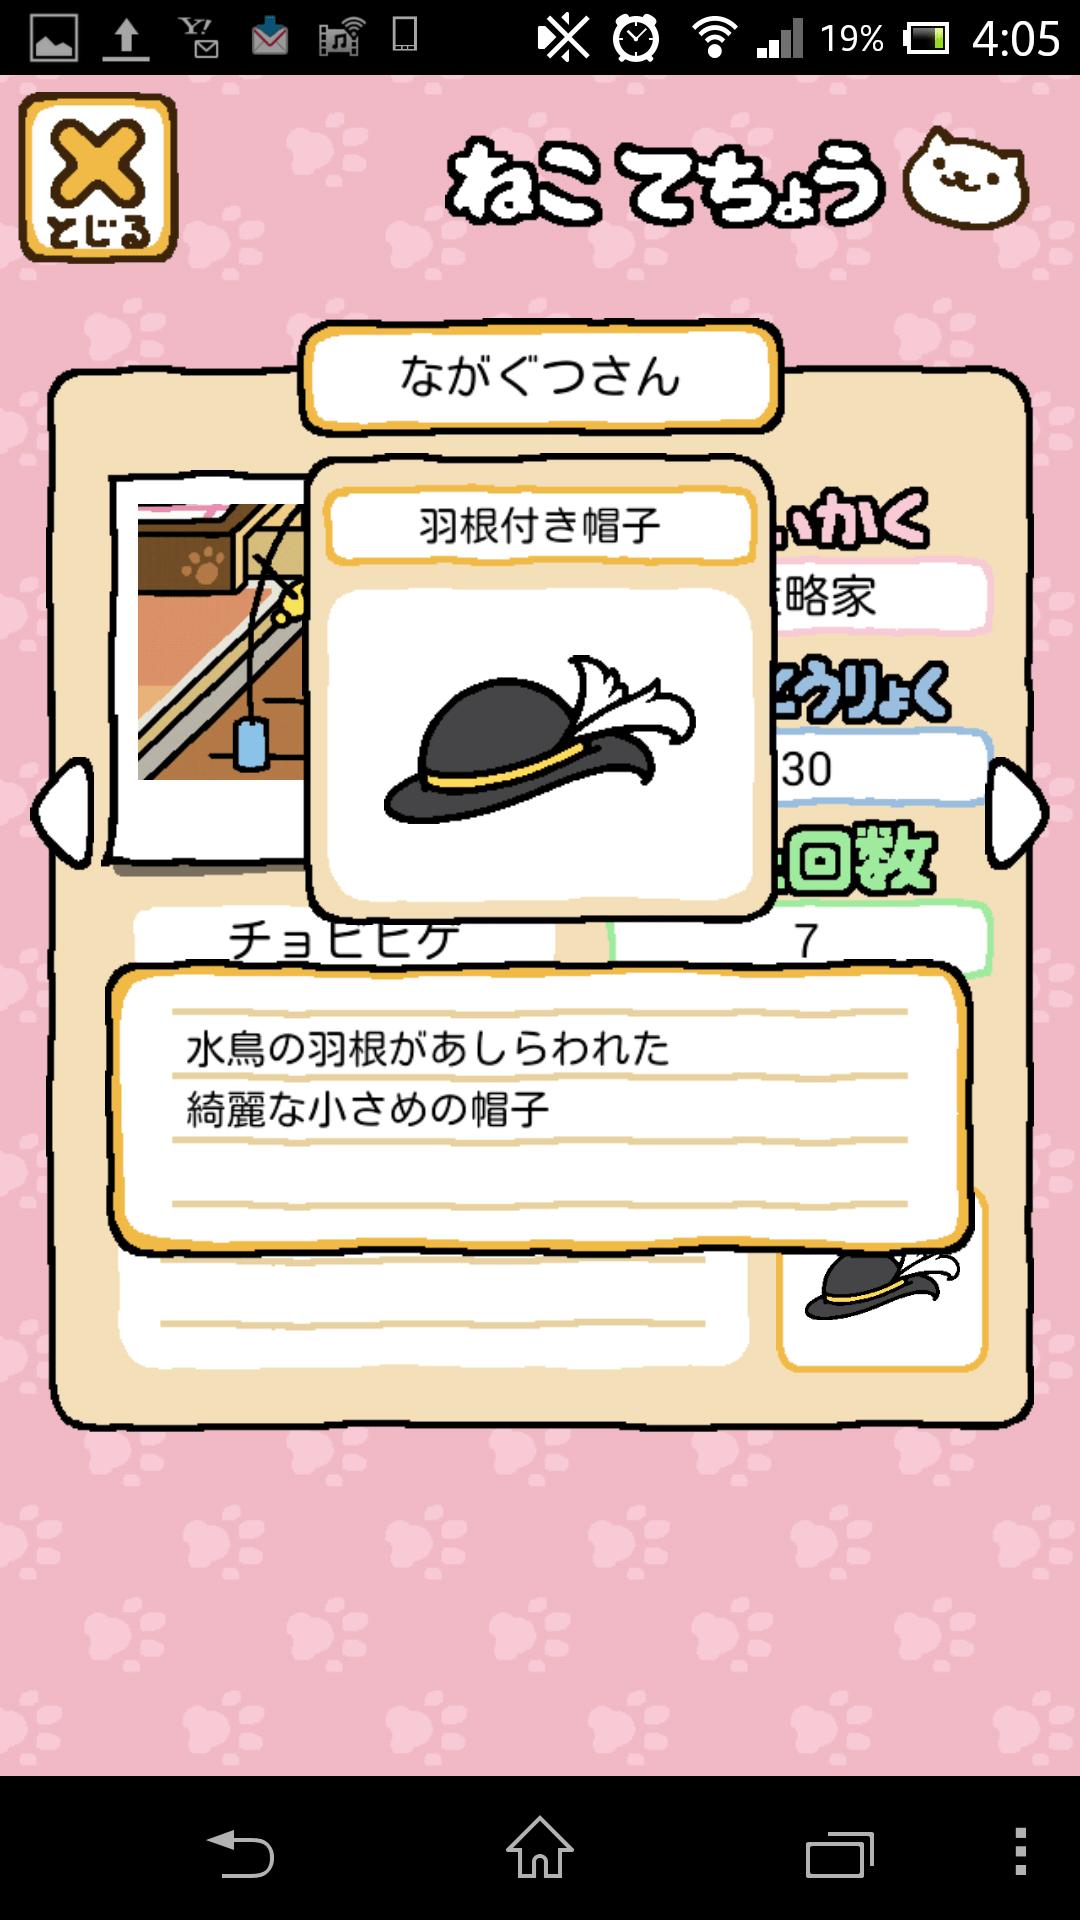 ながぐつ宝物説明.png